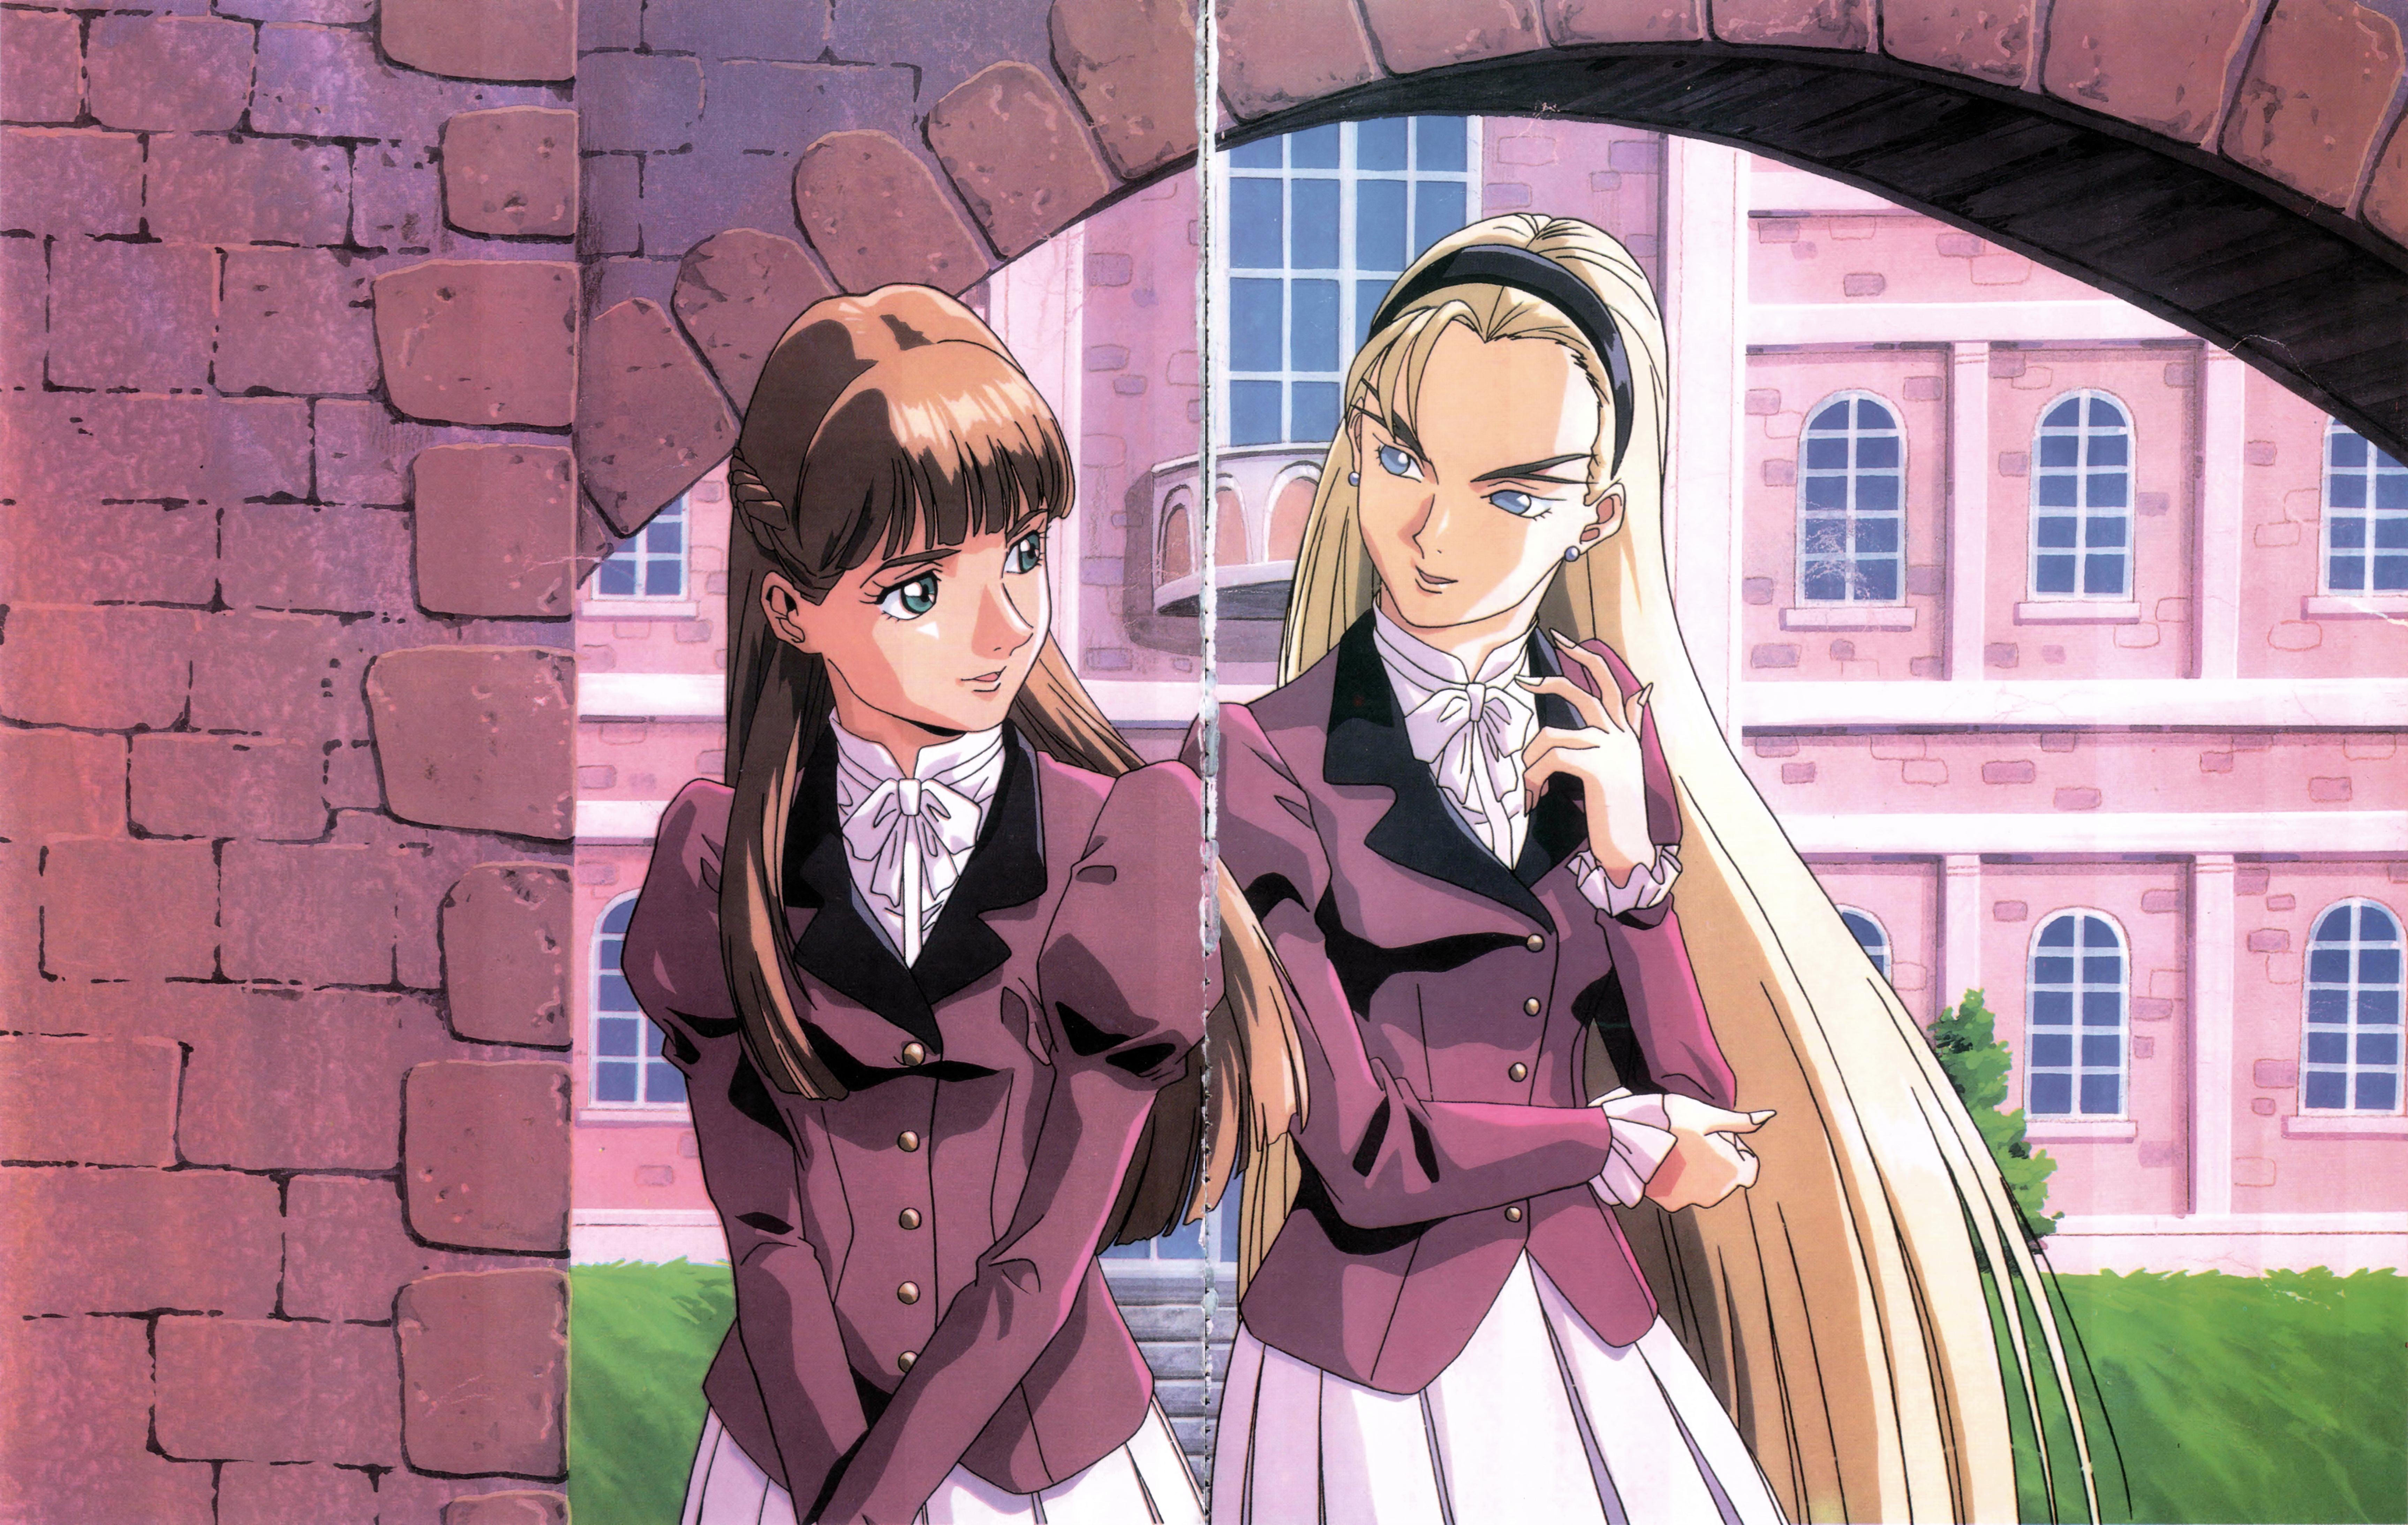 anime mobile9 wallpaper